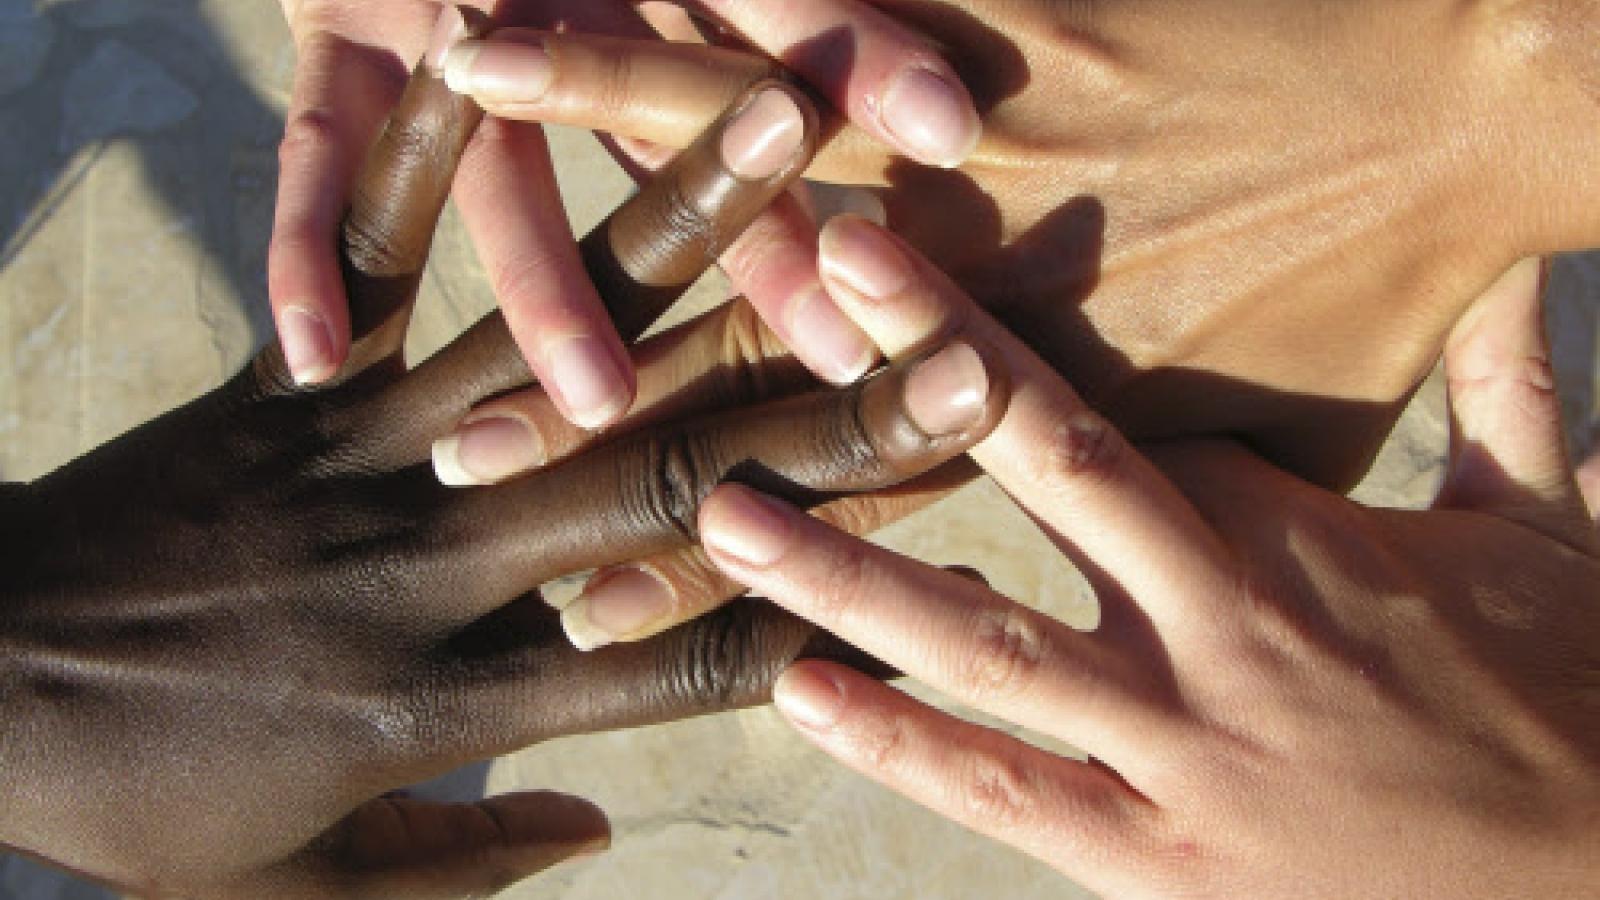 Có nên né tránh các chủ đề về phân biệt chủng tộc với các con?